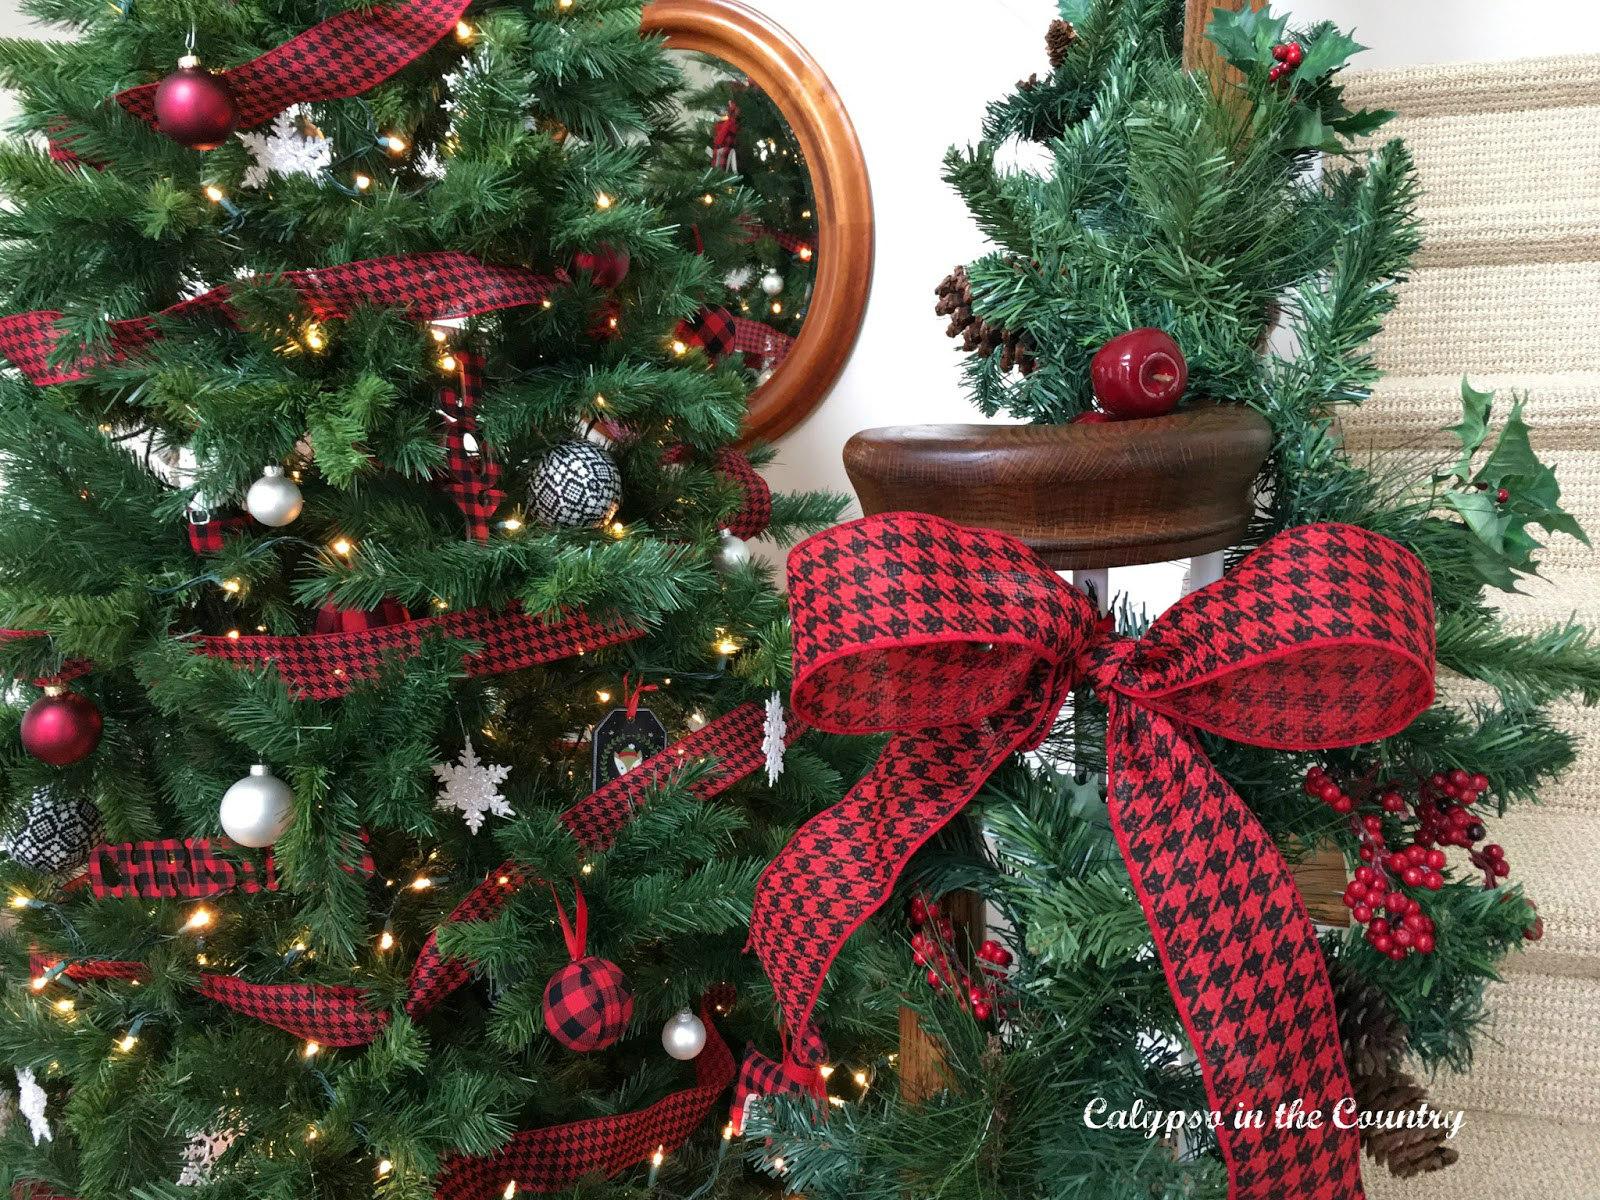 10 Wonderful Christmas Gift Ideas for the Hypochondriac